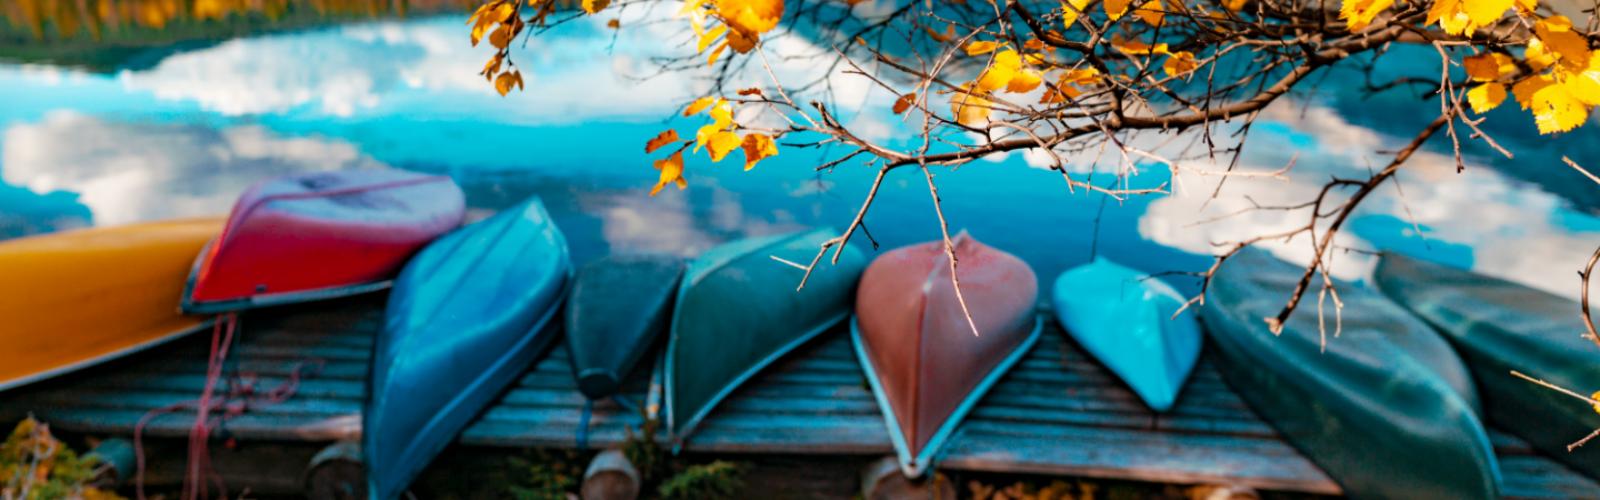 Holiday Rambler November Blog